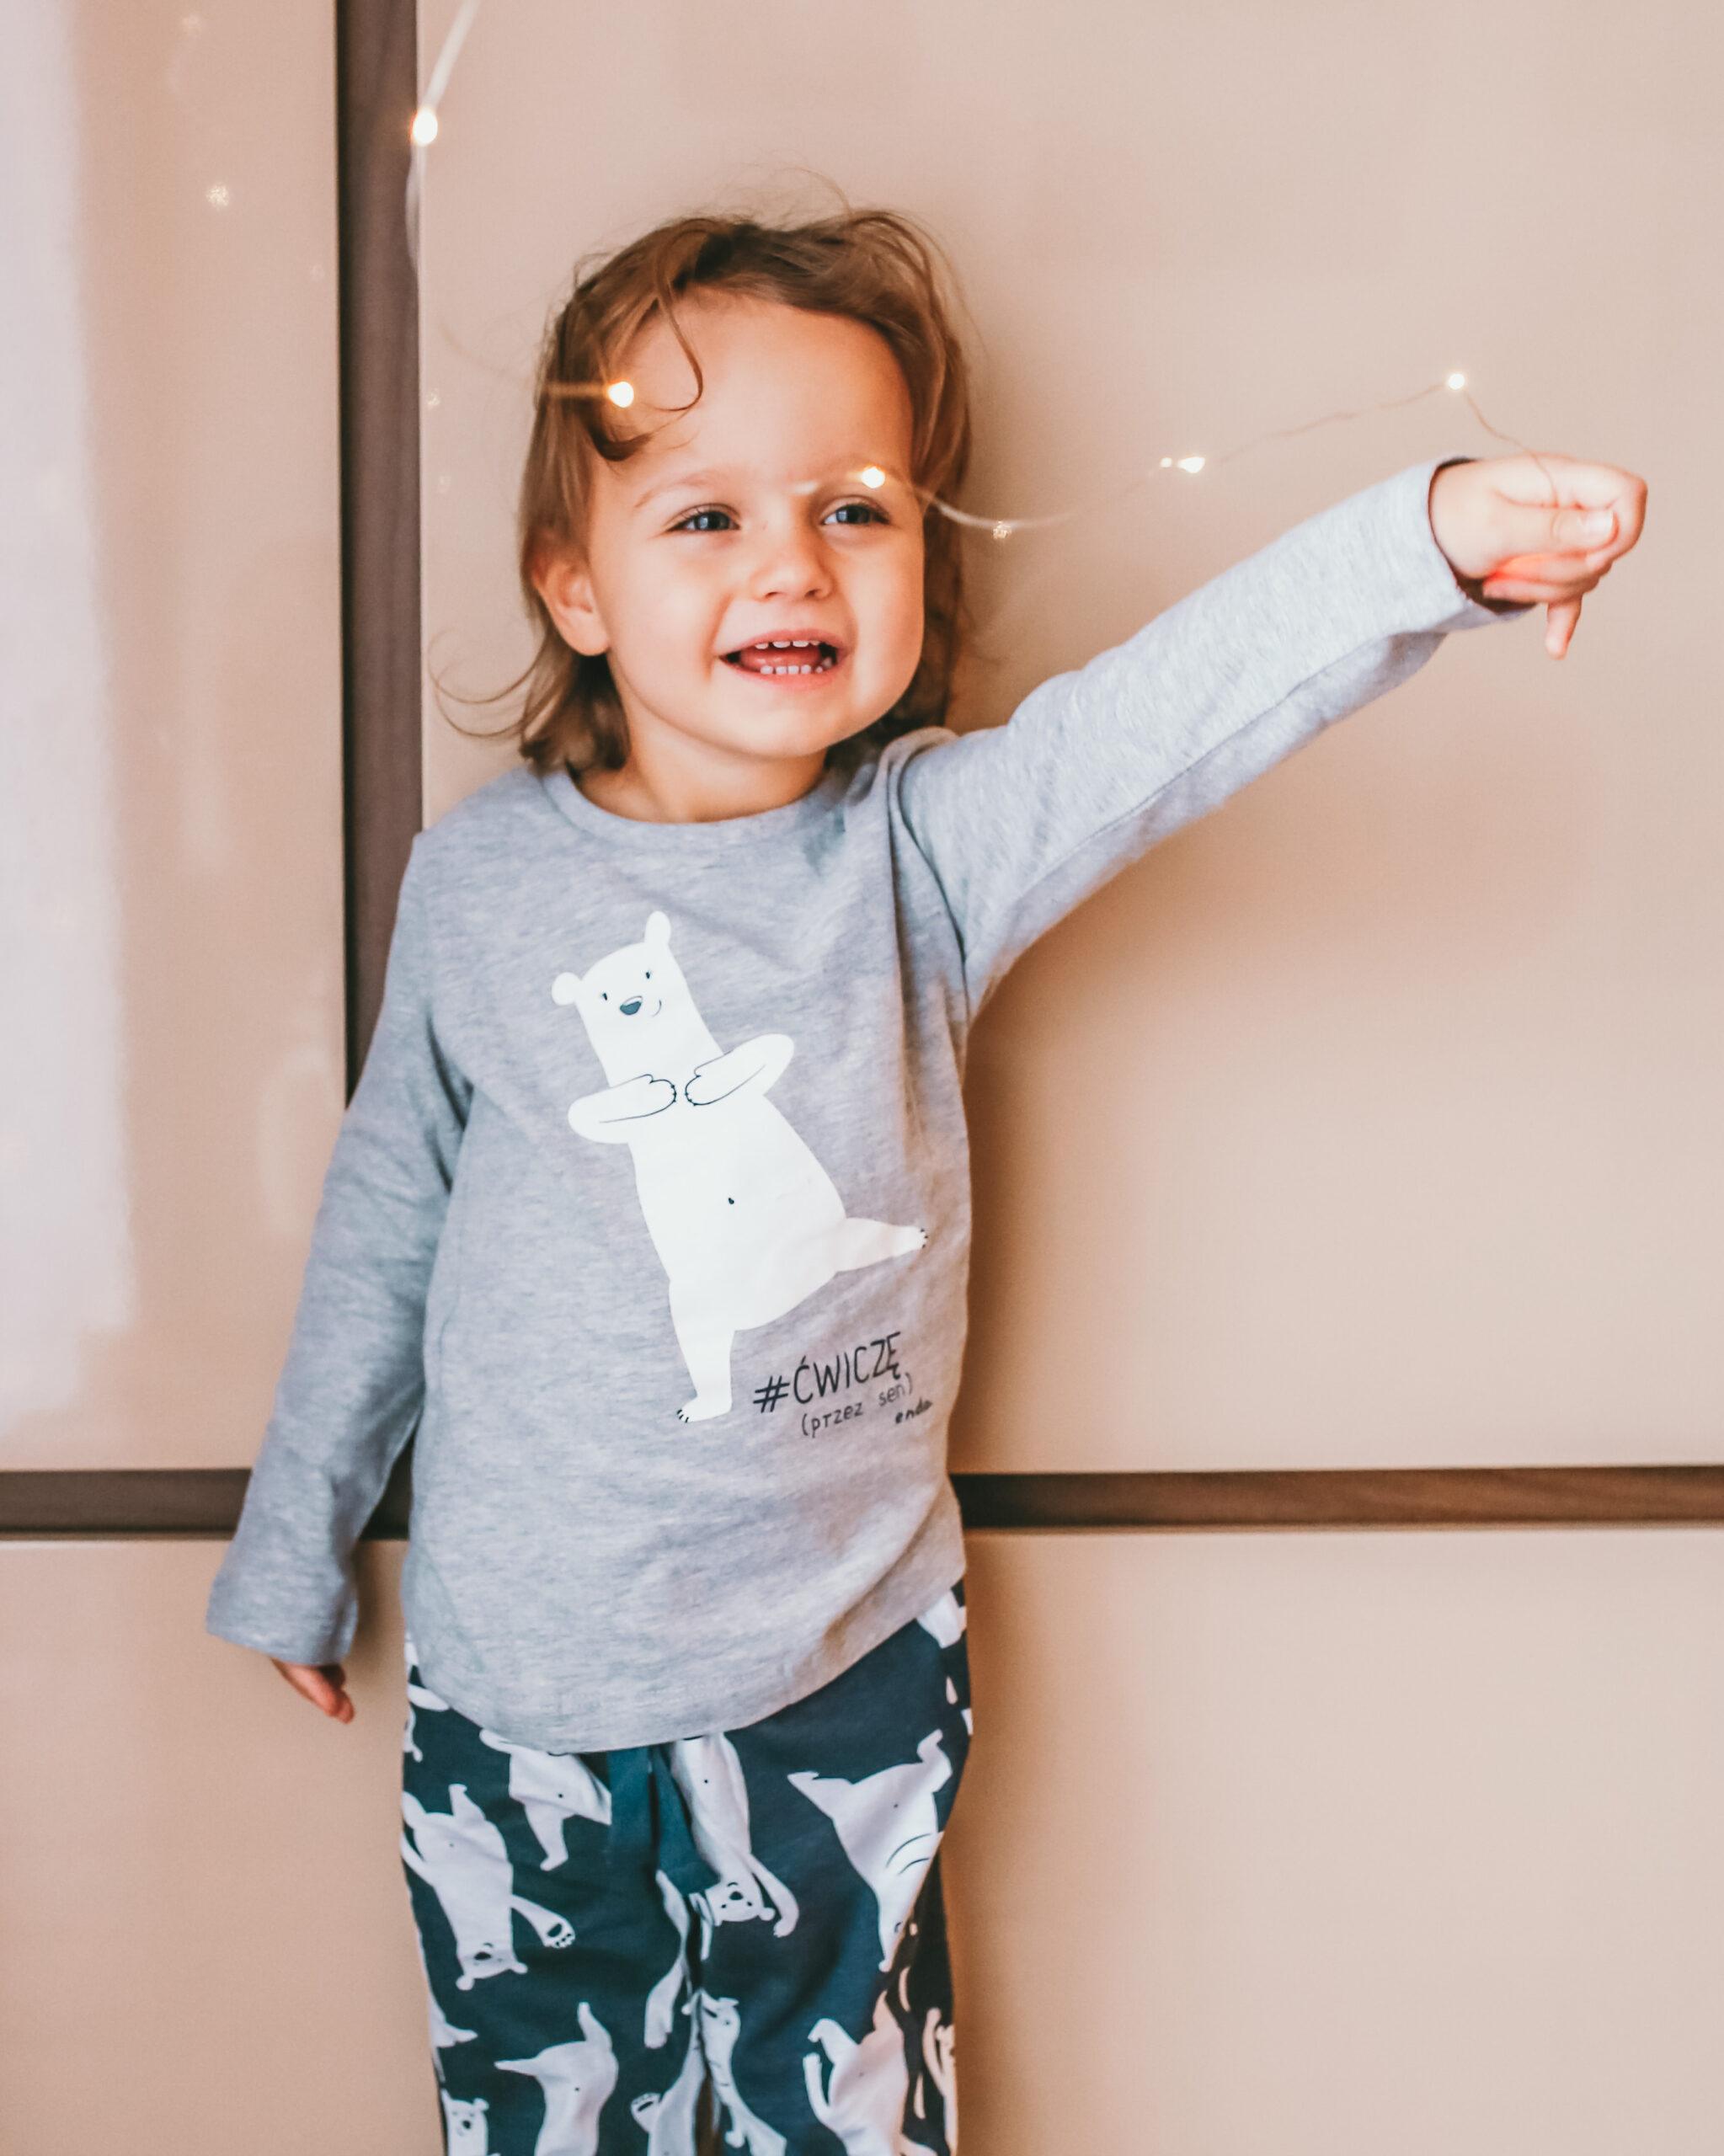 Mała dziewczynka ubrana w piżamkę z misiem.